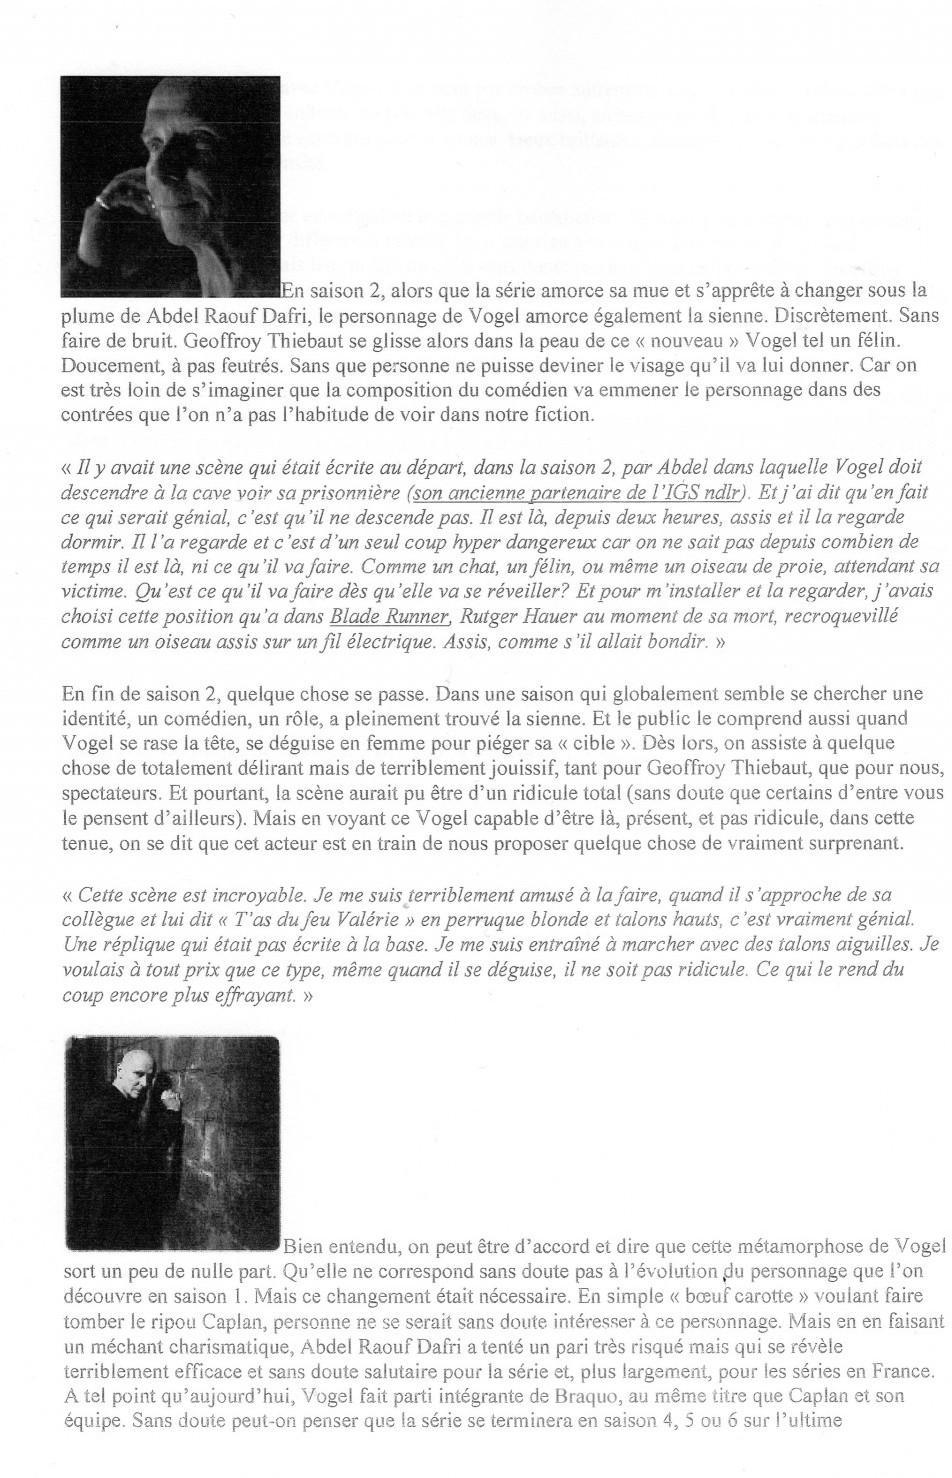 Presse alexandre Letren (2) season one - https://www.geoffroythiebaut.com